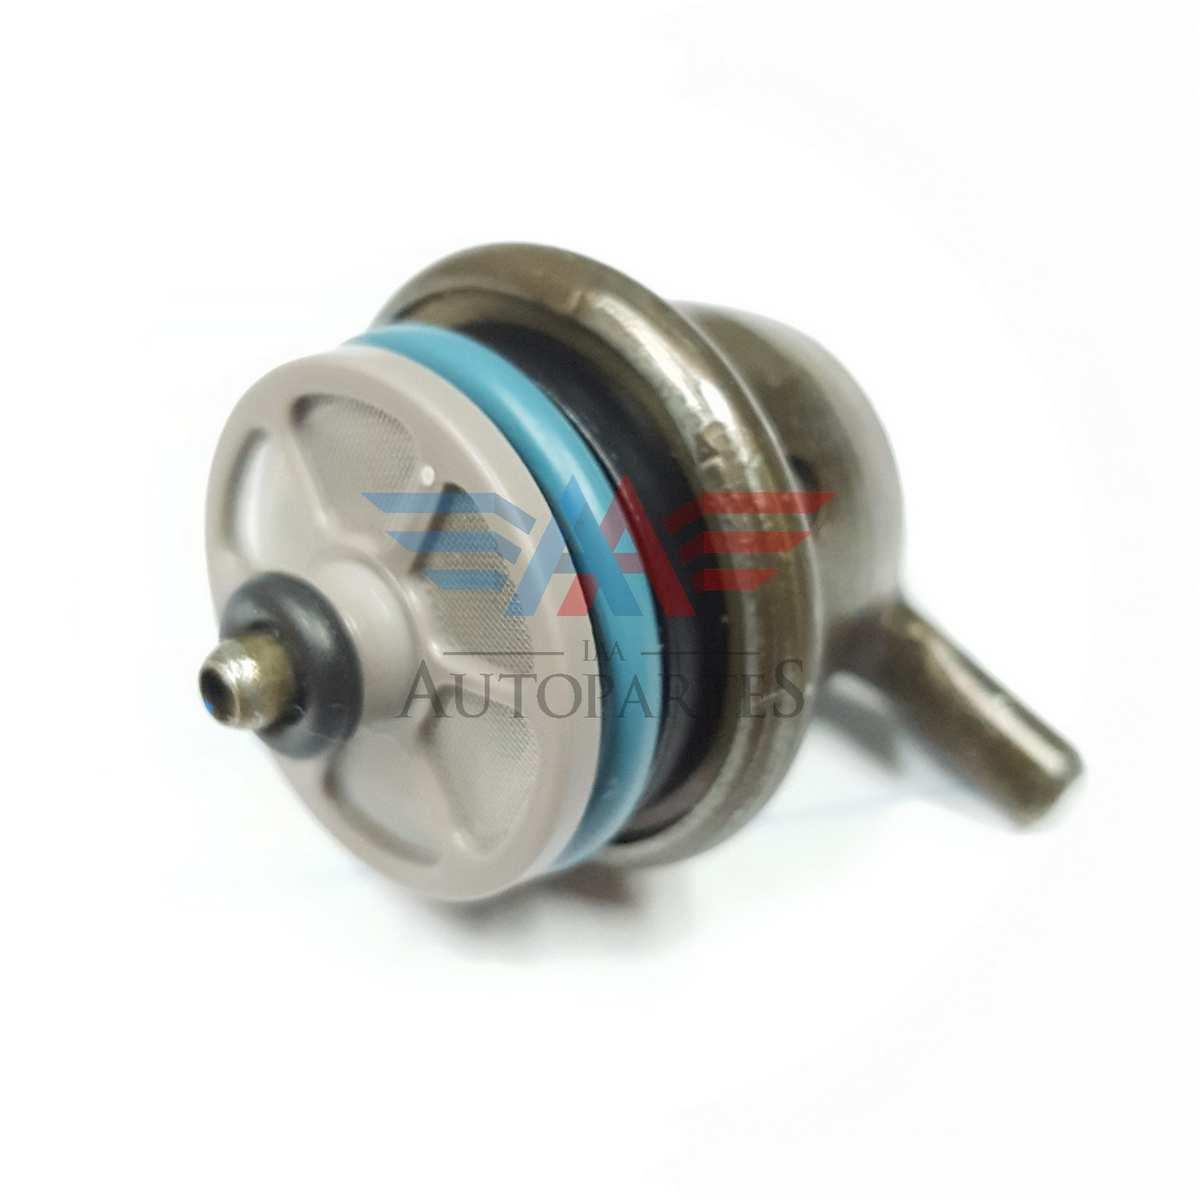 17113288 regulador de presion de gasolina buikc cadillac - Regulador de presion ...